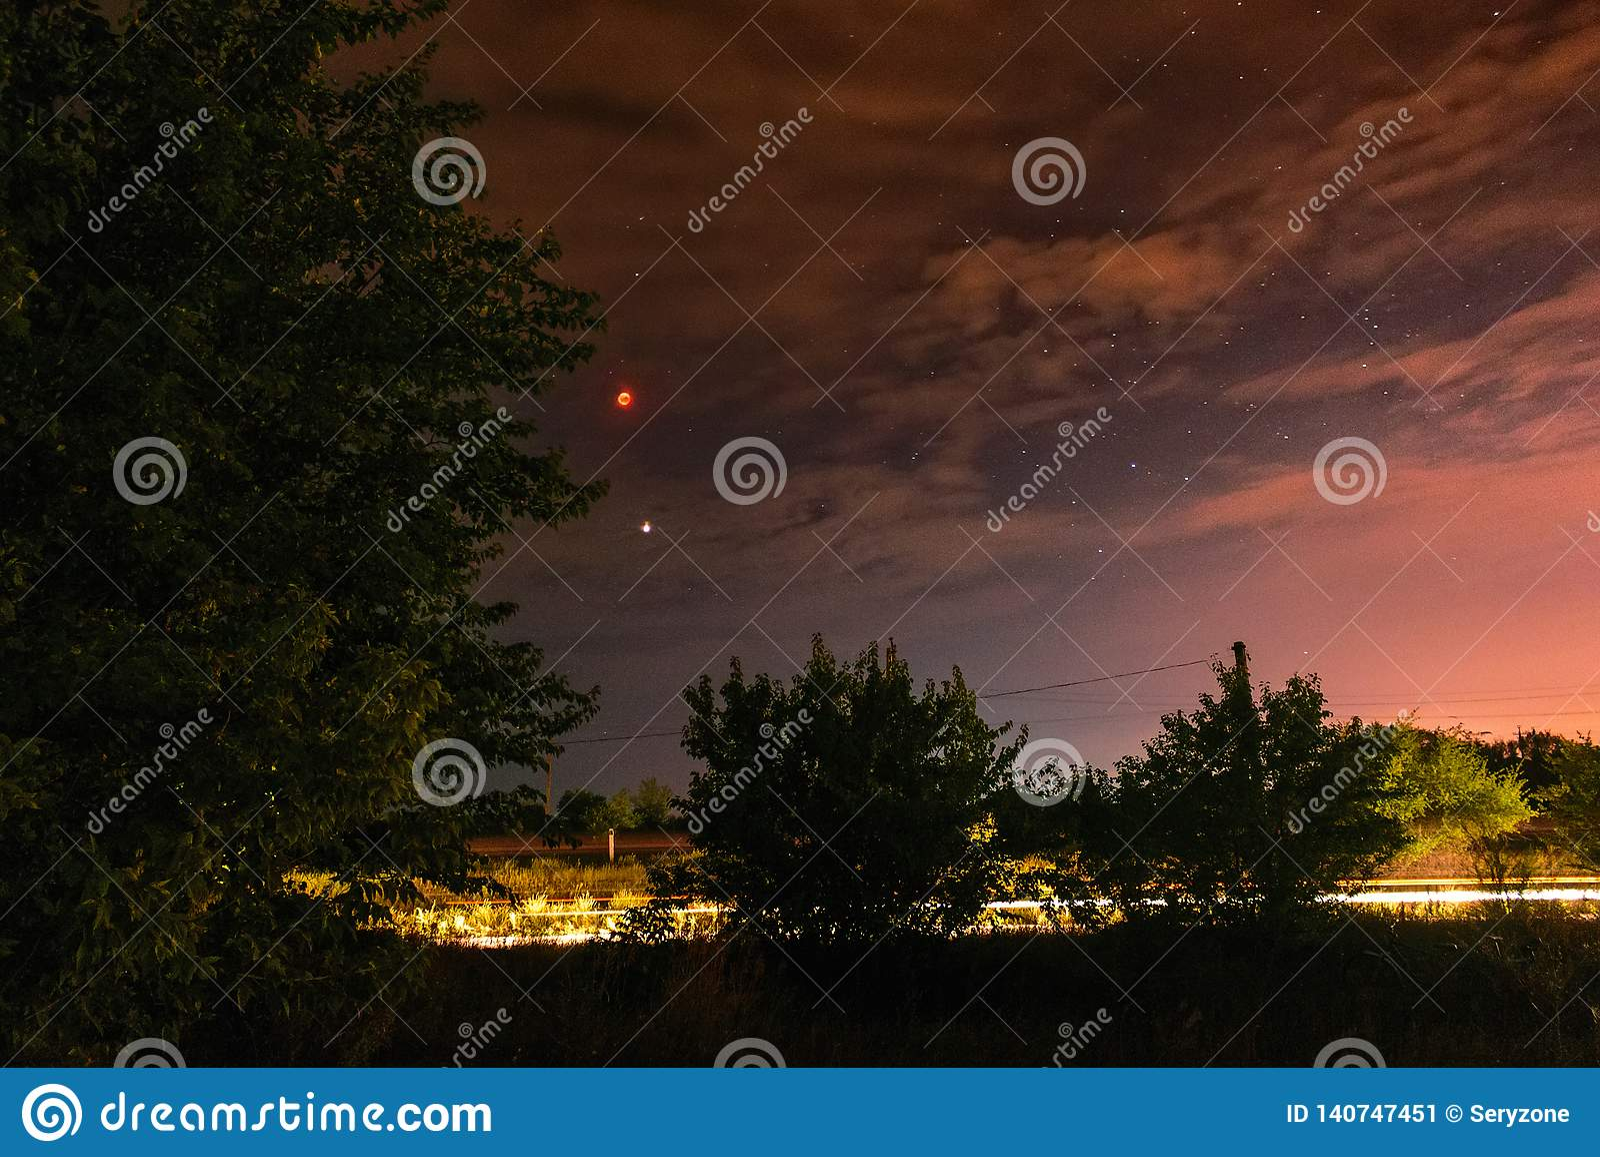 Eclipse de la Luna Llena en el cielo nocturno oscuro nublado